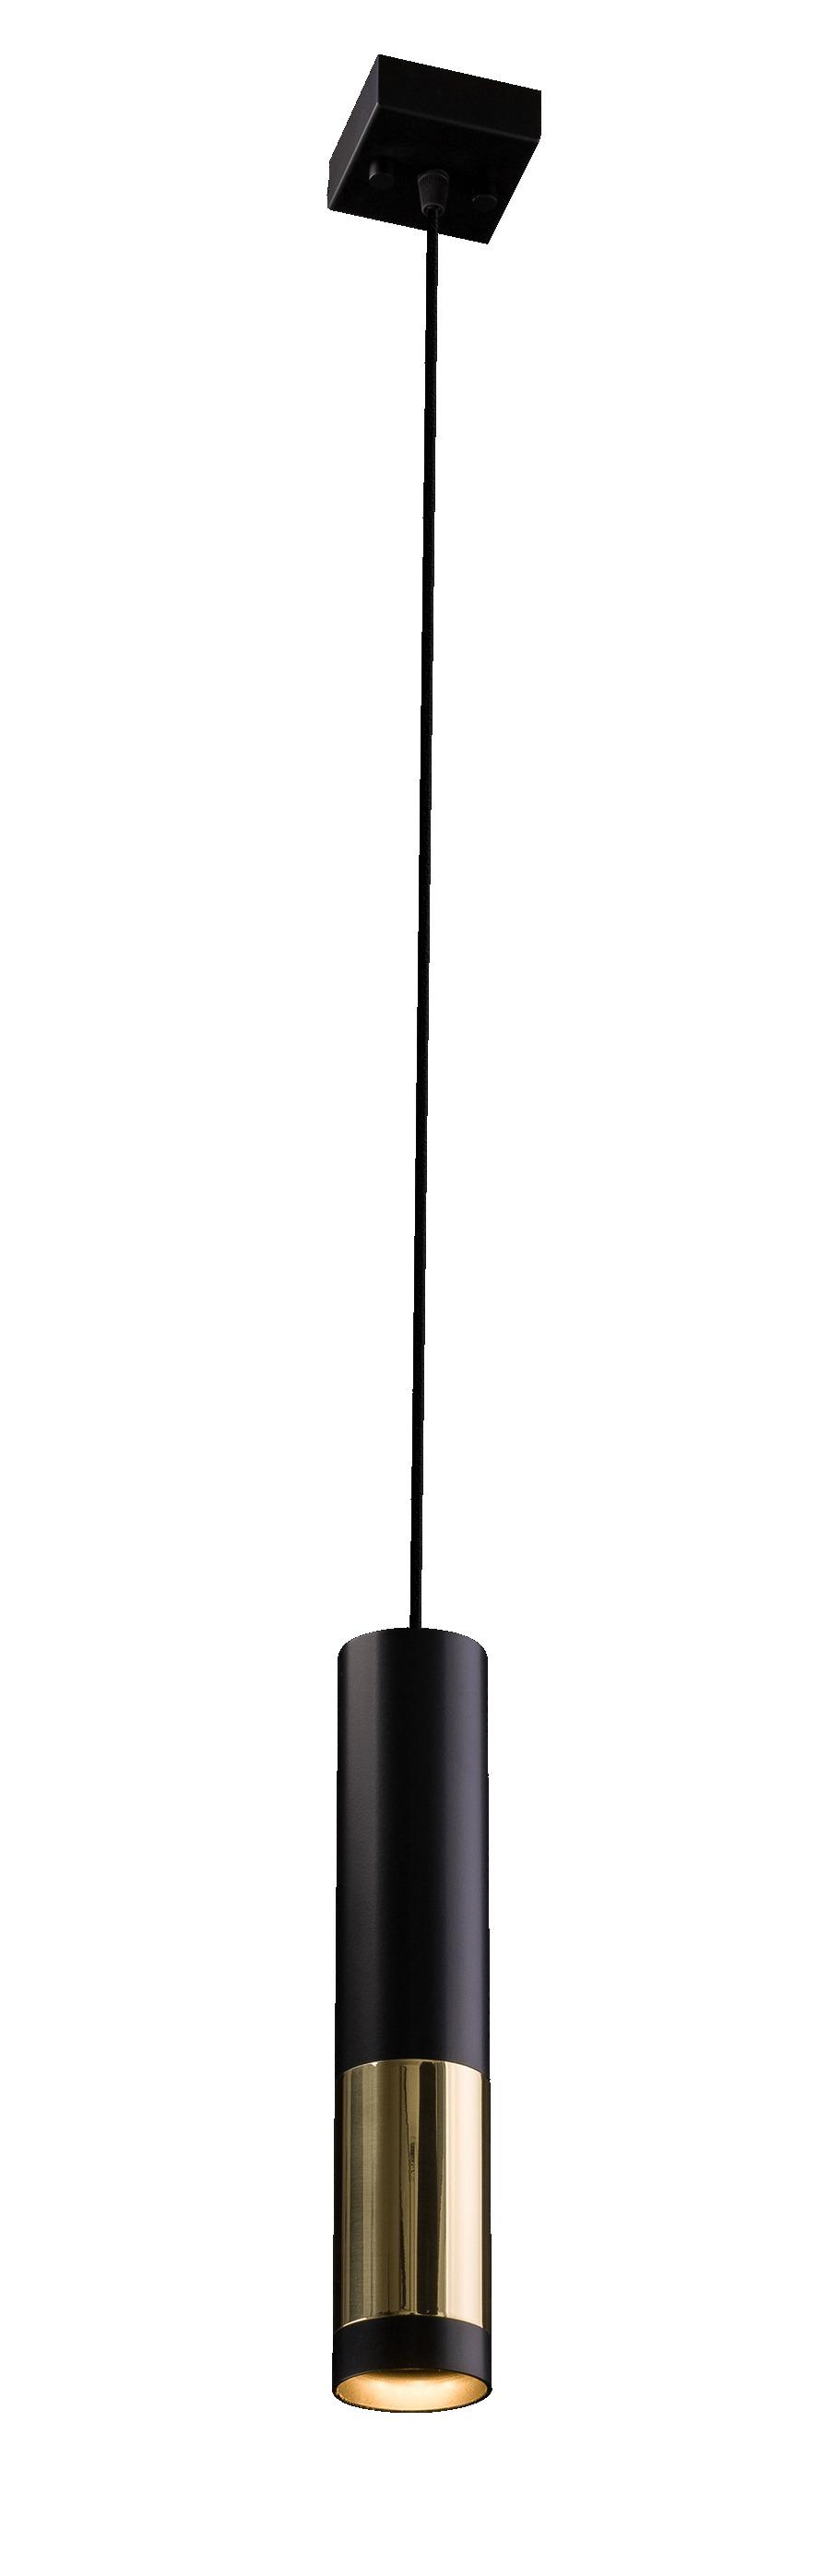 Lampa wisząca Kavos 1 Czarny 0382 - Amplex // Rabaty w koszyku i darmowa dostawa od 299zł !